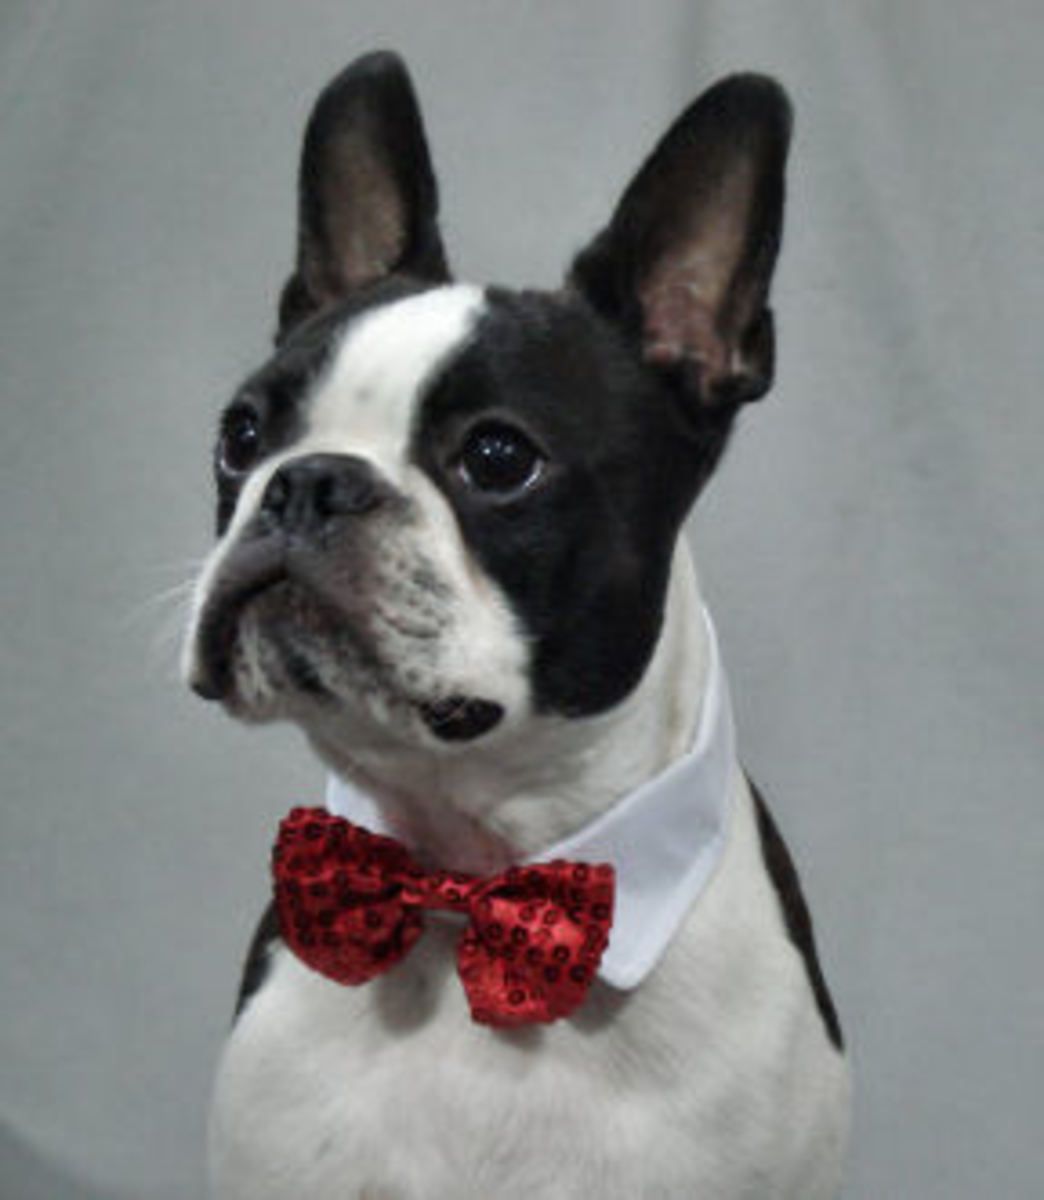 Booker the Boston Terrier